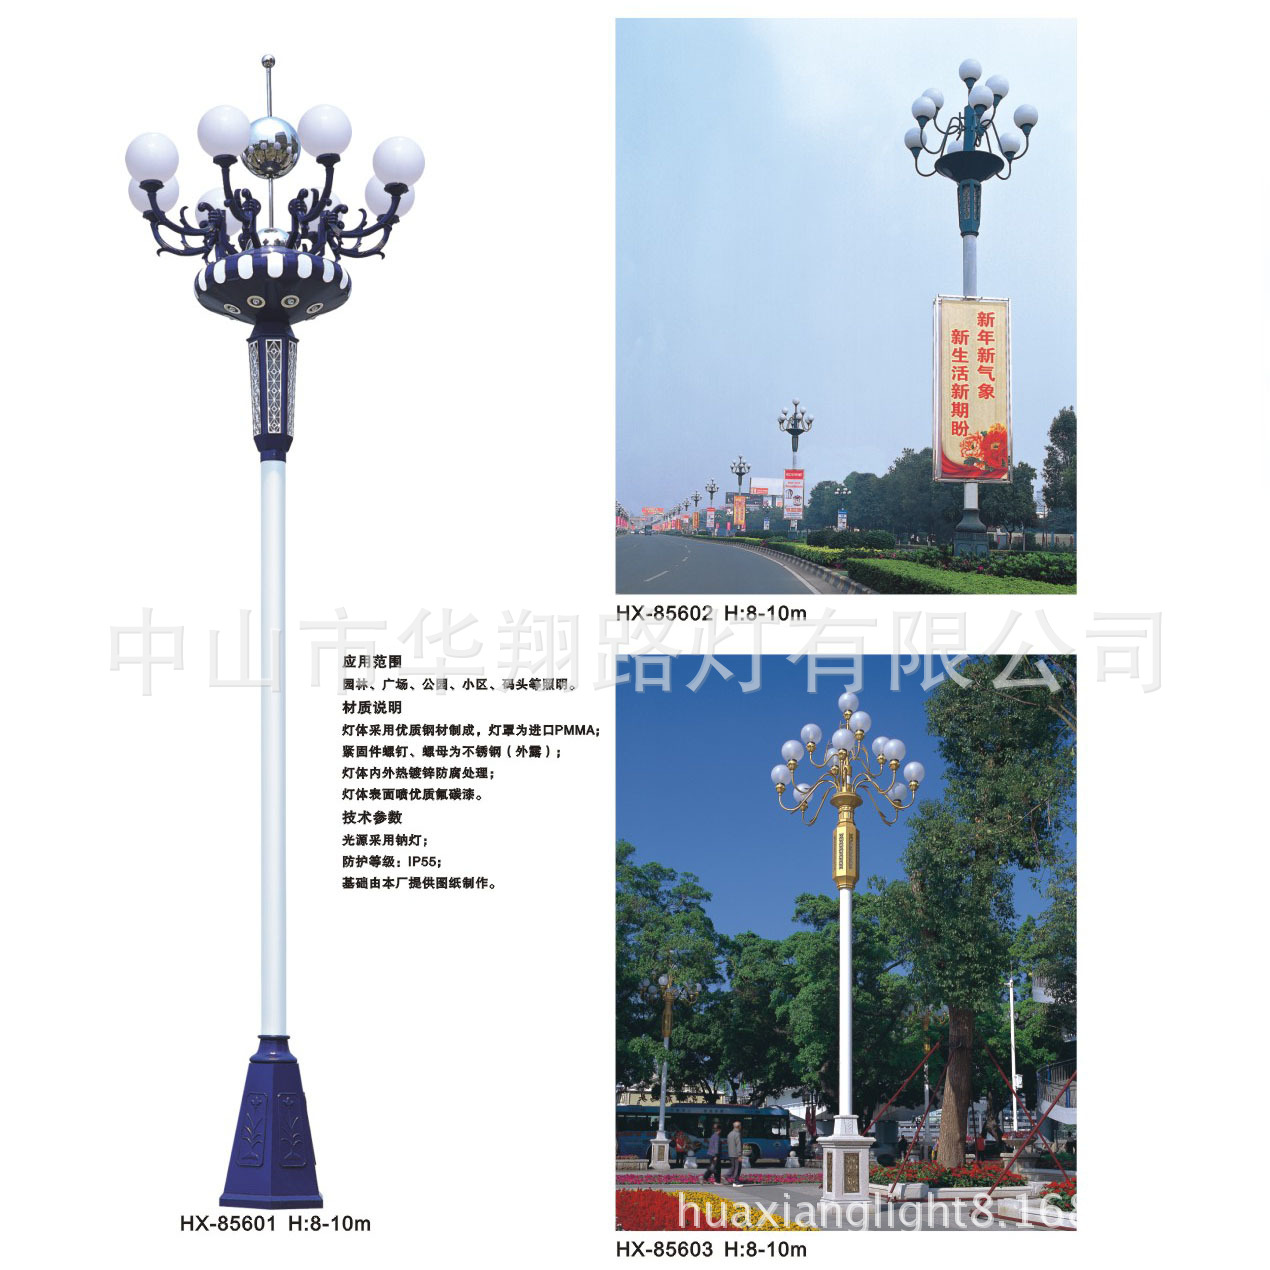 街道广场LED中华灯 景观灯 优质钢 节能灯 广场车站码头